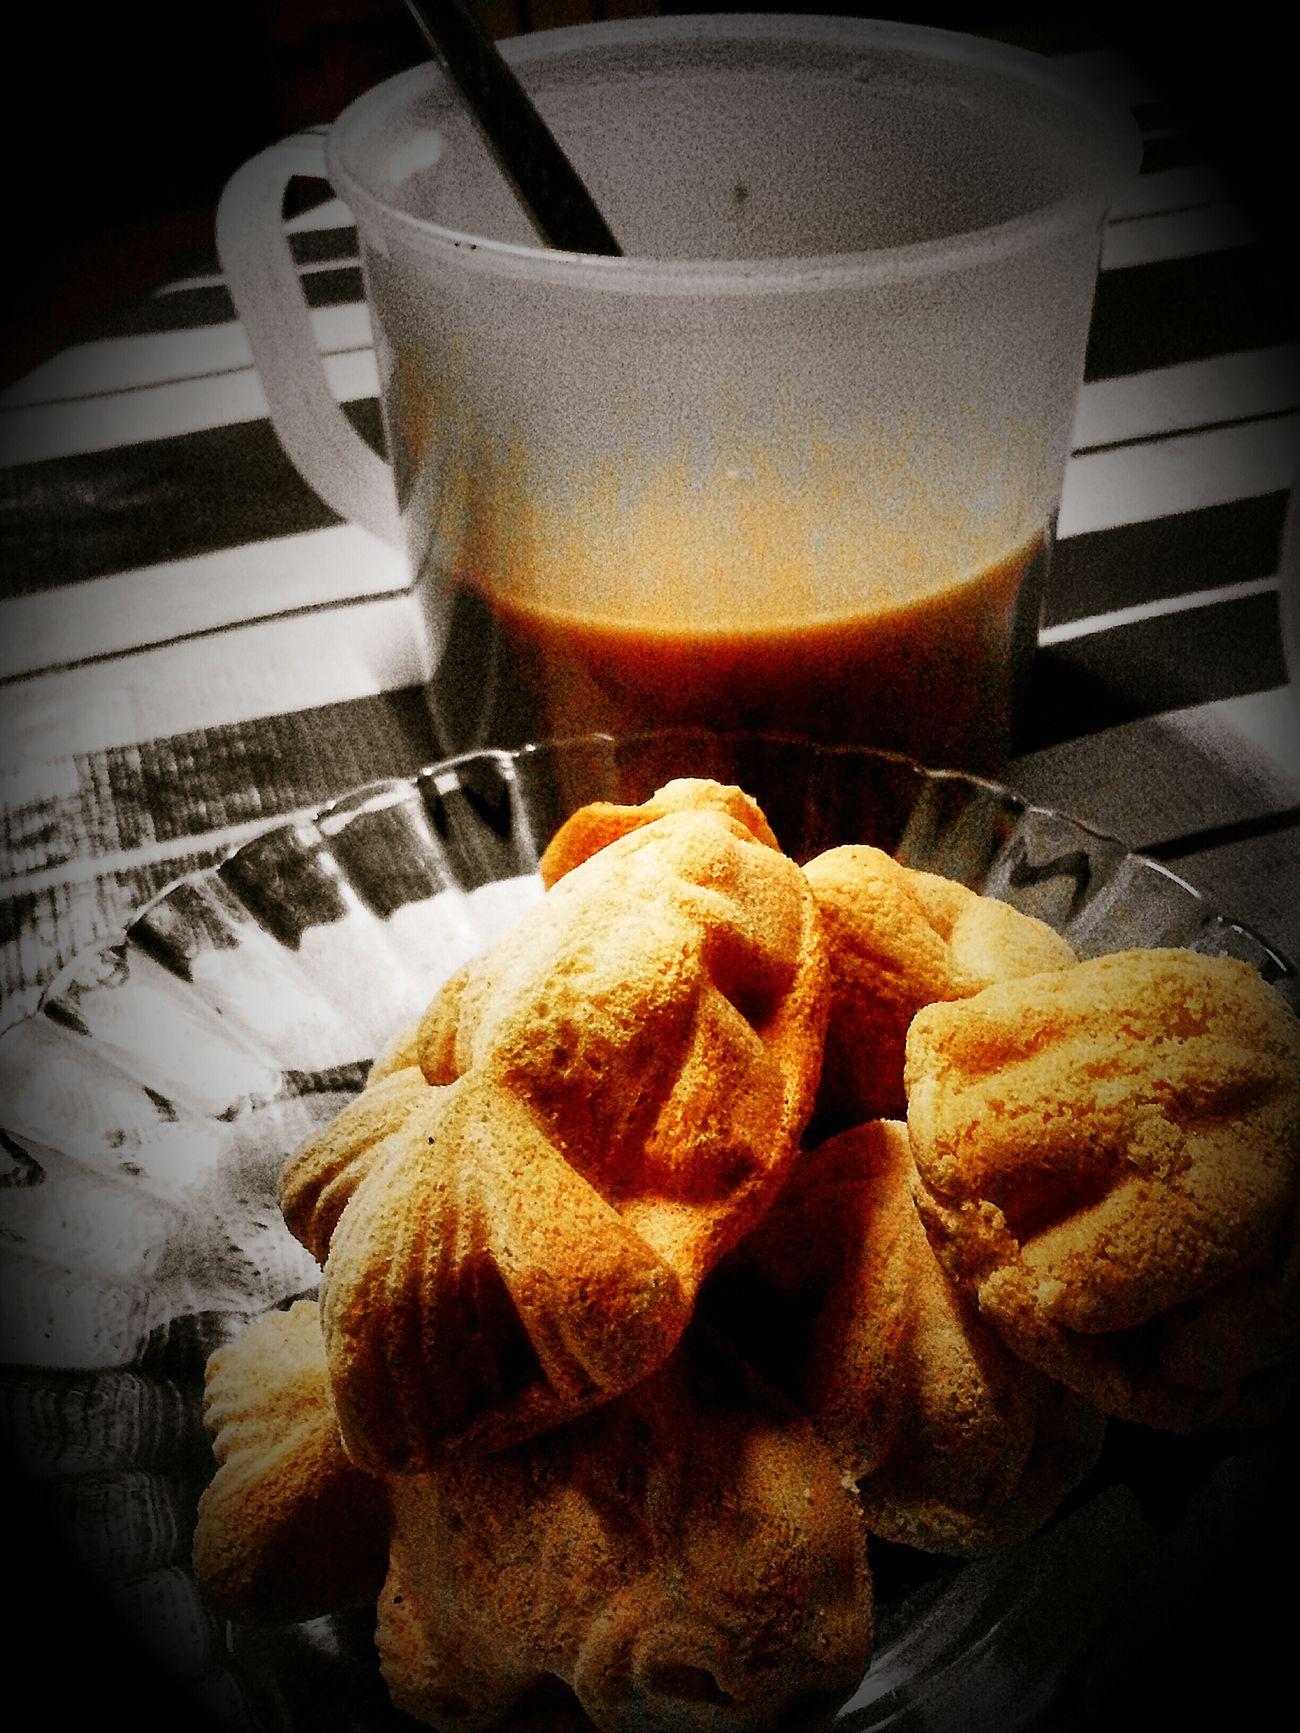 Bahulu with kopiko coffee...memang besttt